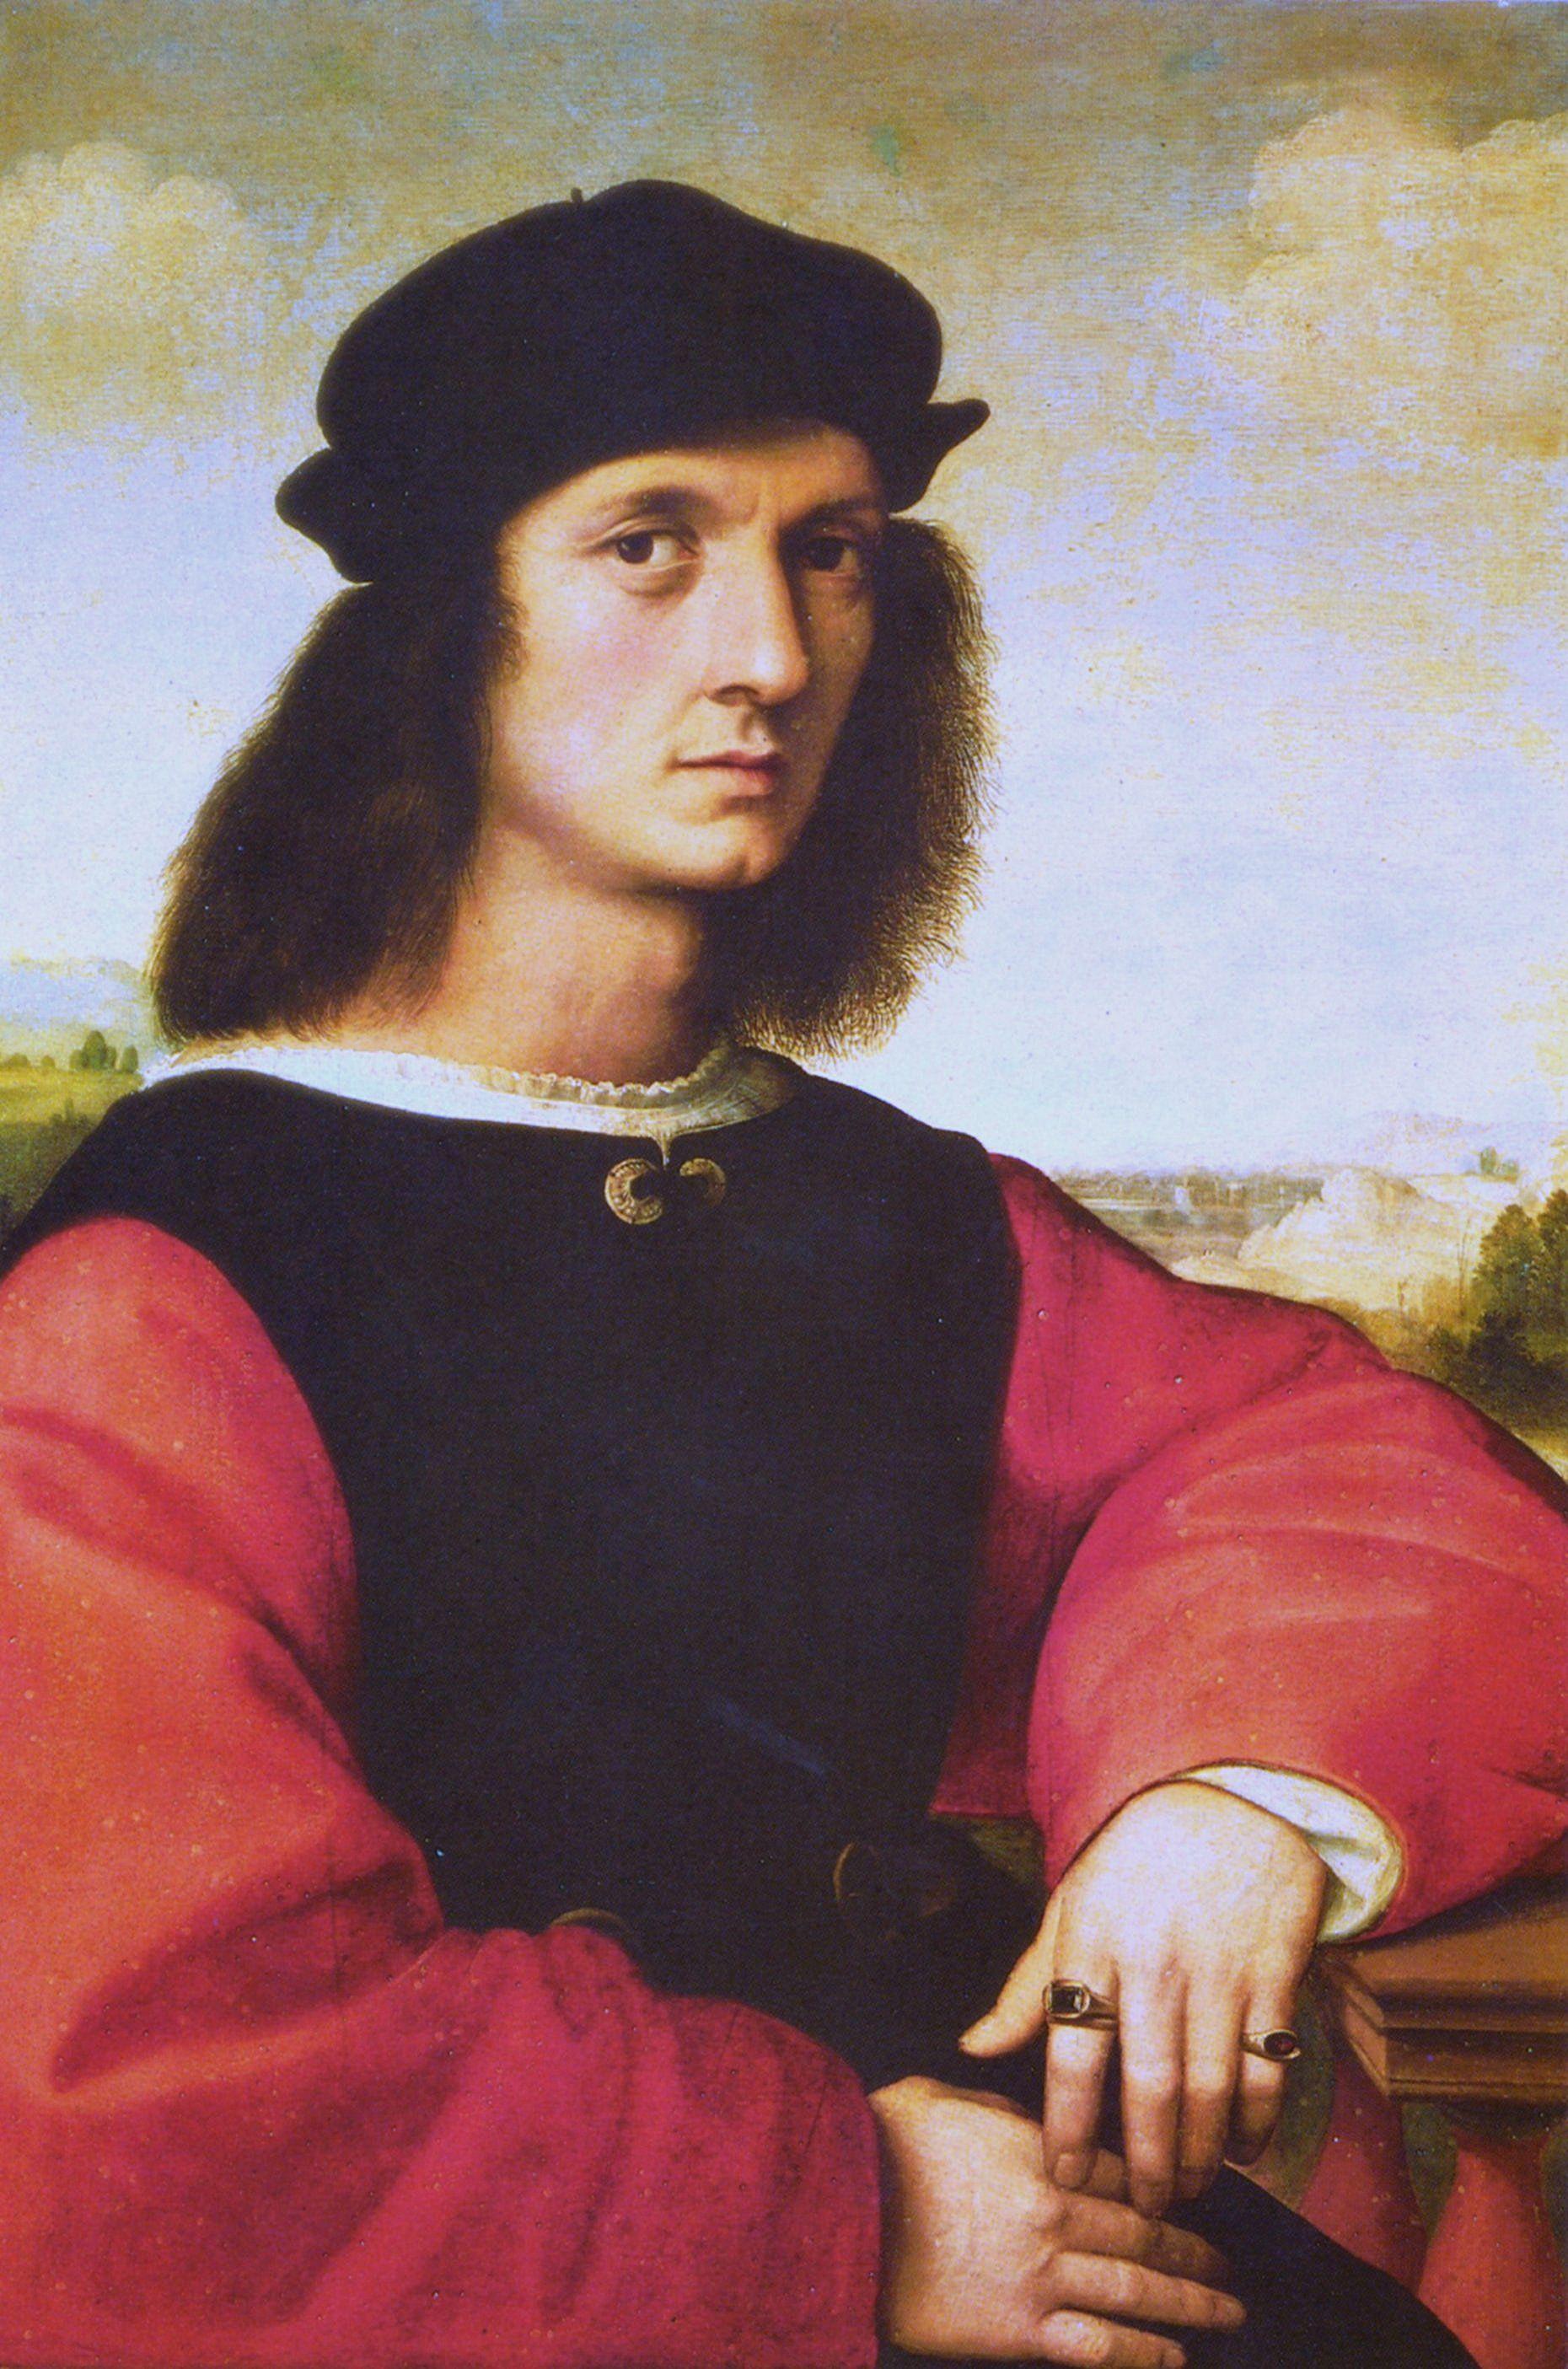 Raffael, Bildnis des Agnolo Doni (Portrait of Agnolo Doni)  Galleria Pitti, Florenz (Pitti Art Gallery, Florence)